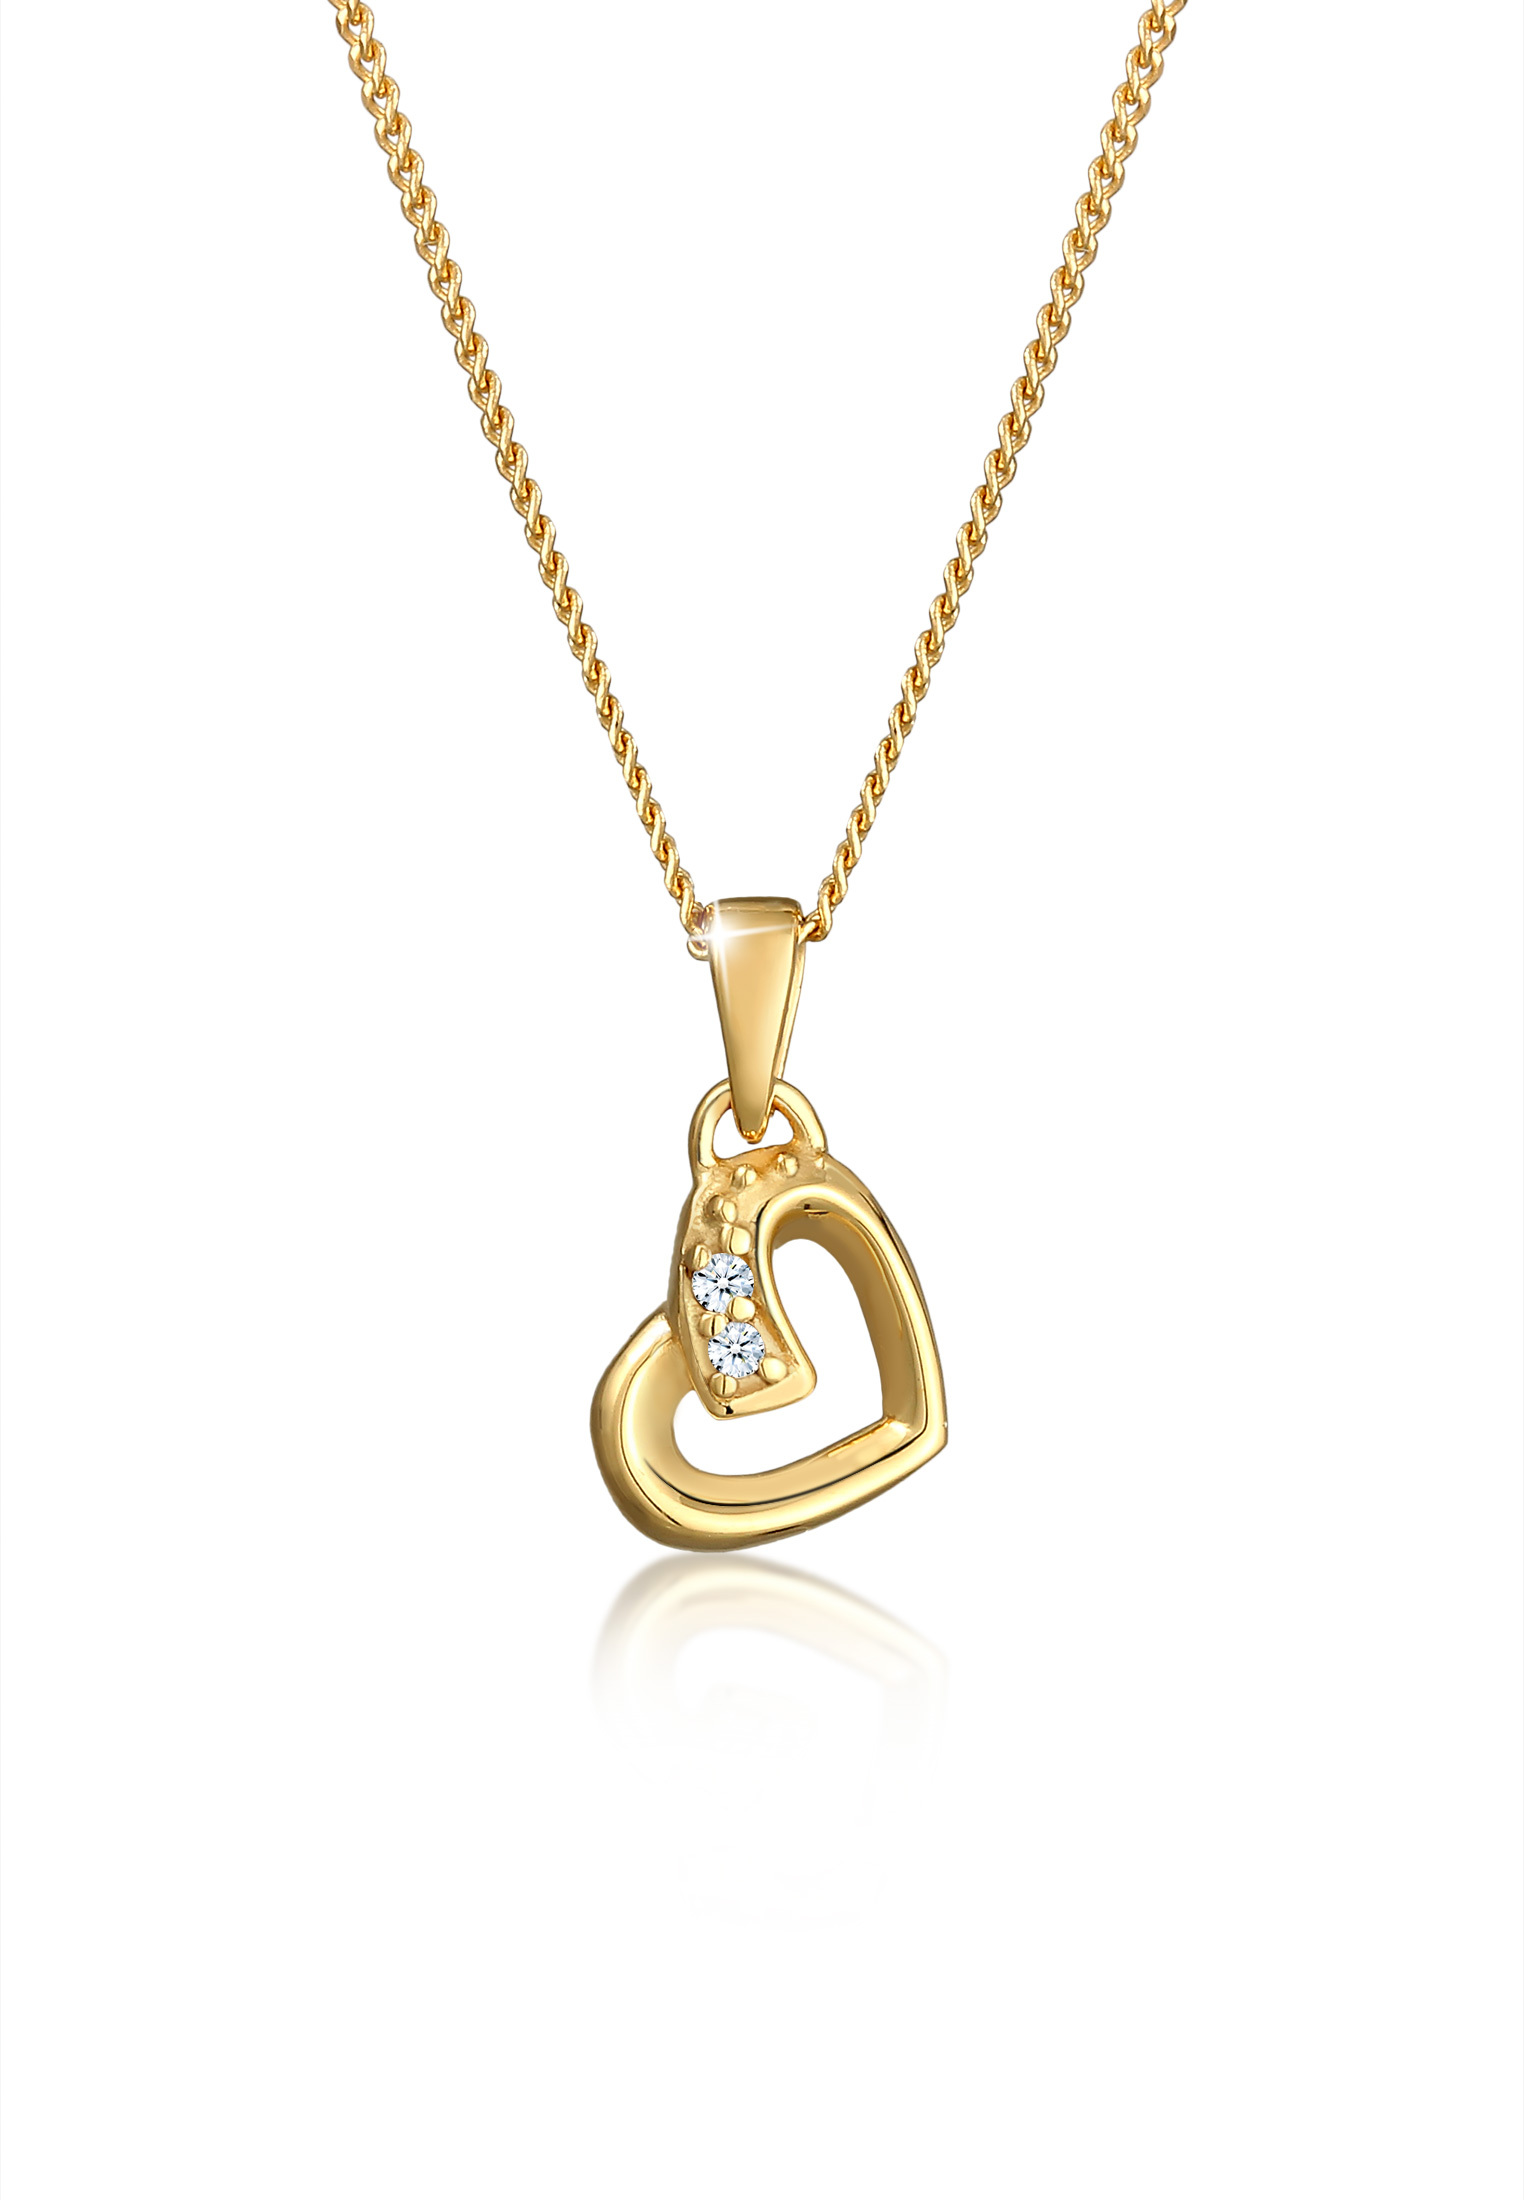 Halskette Herz   Diamant ( Weiß, 0,01 ct )   585 Gelbgold